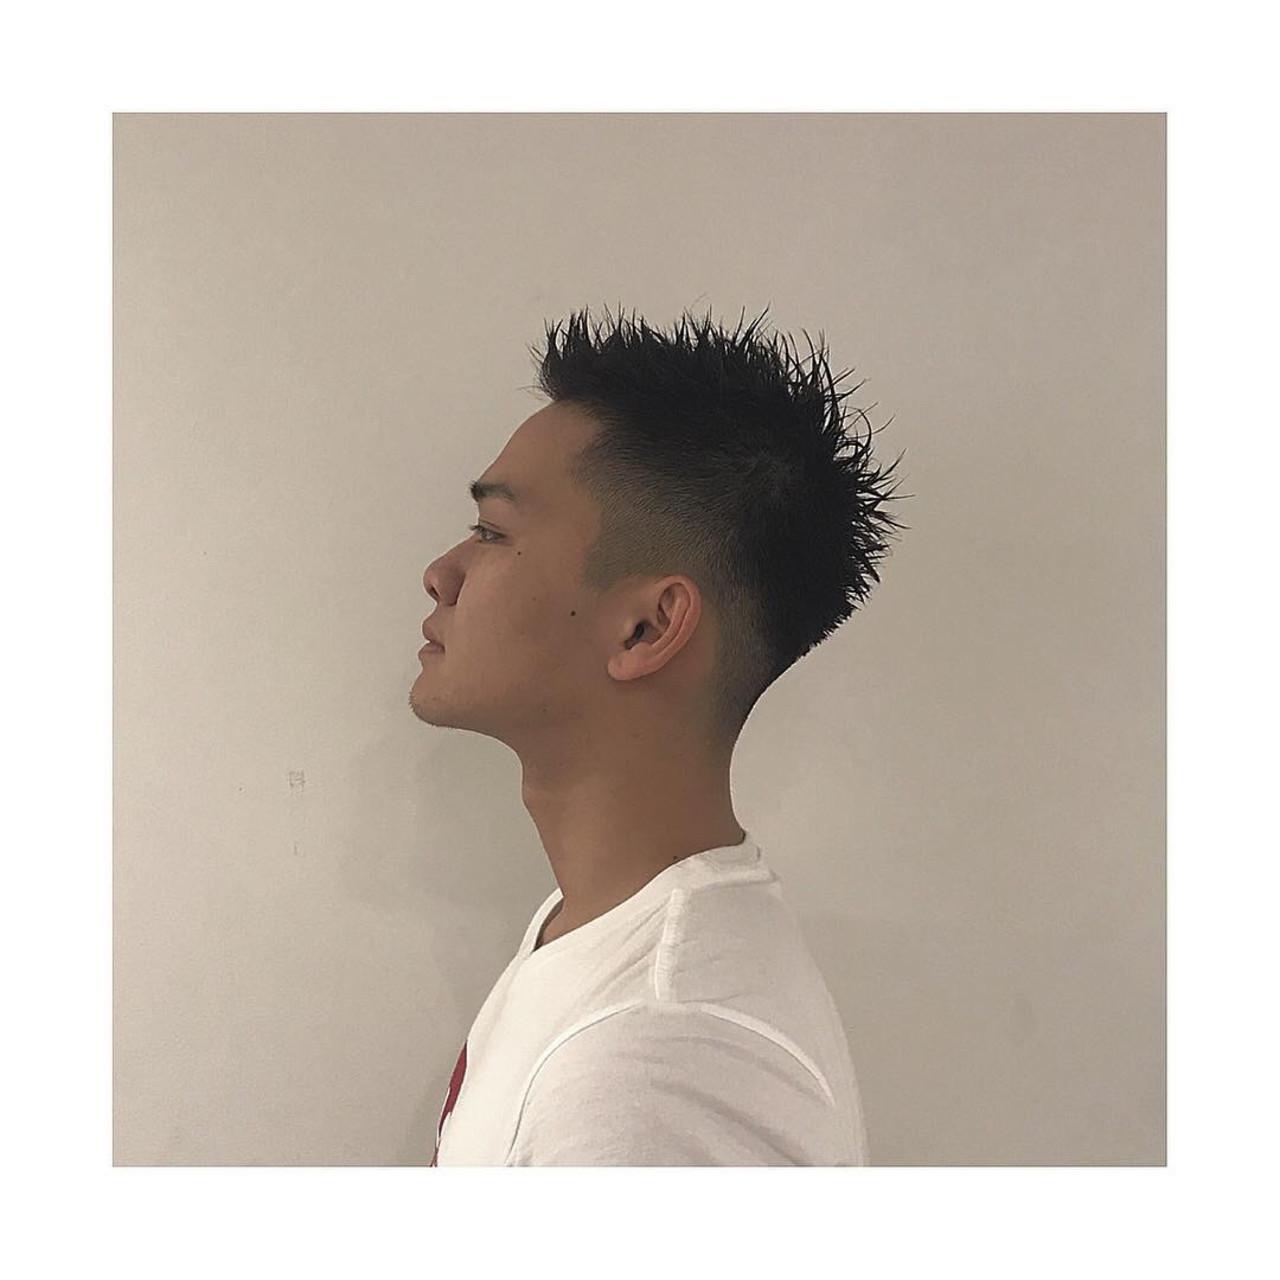 刈り上げ メンズカット メンズ ショート ヘアスタイルや髪型の写真・画像